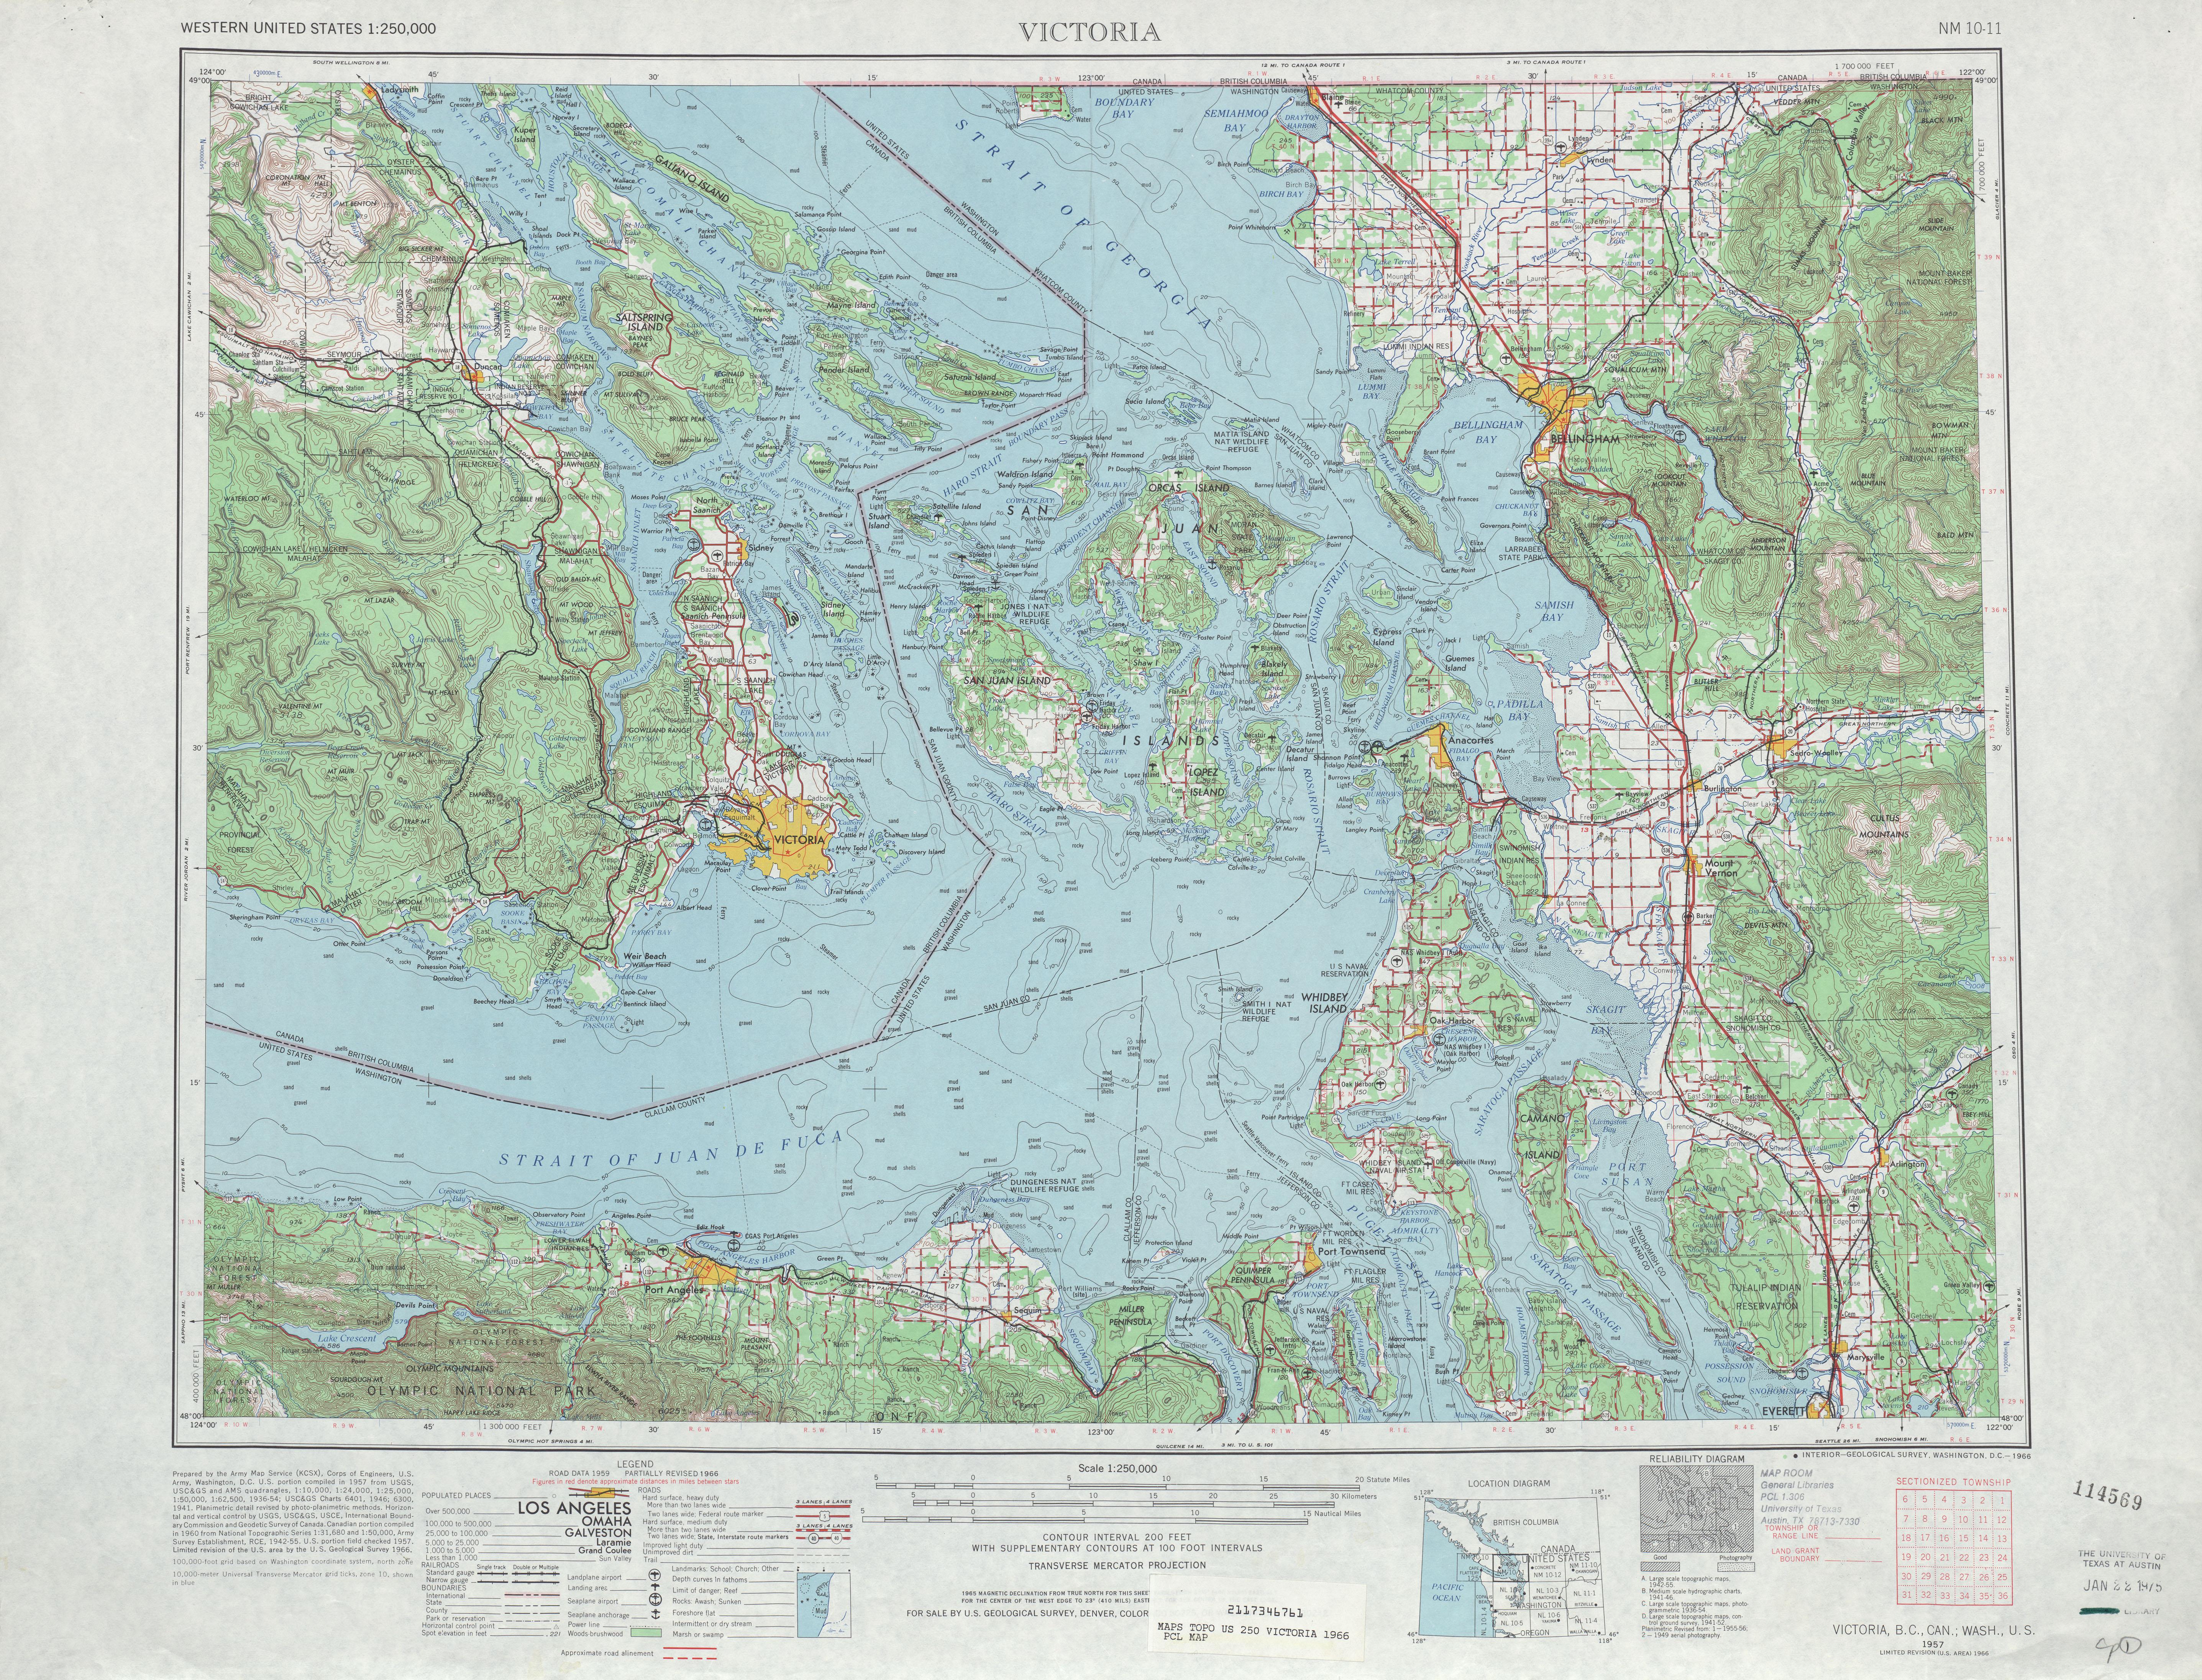 Hoja Victoria del Mapa Topográfico de los Estados Unidos 1966